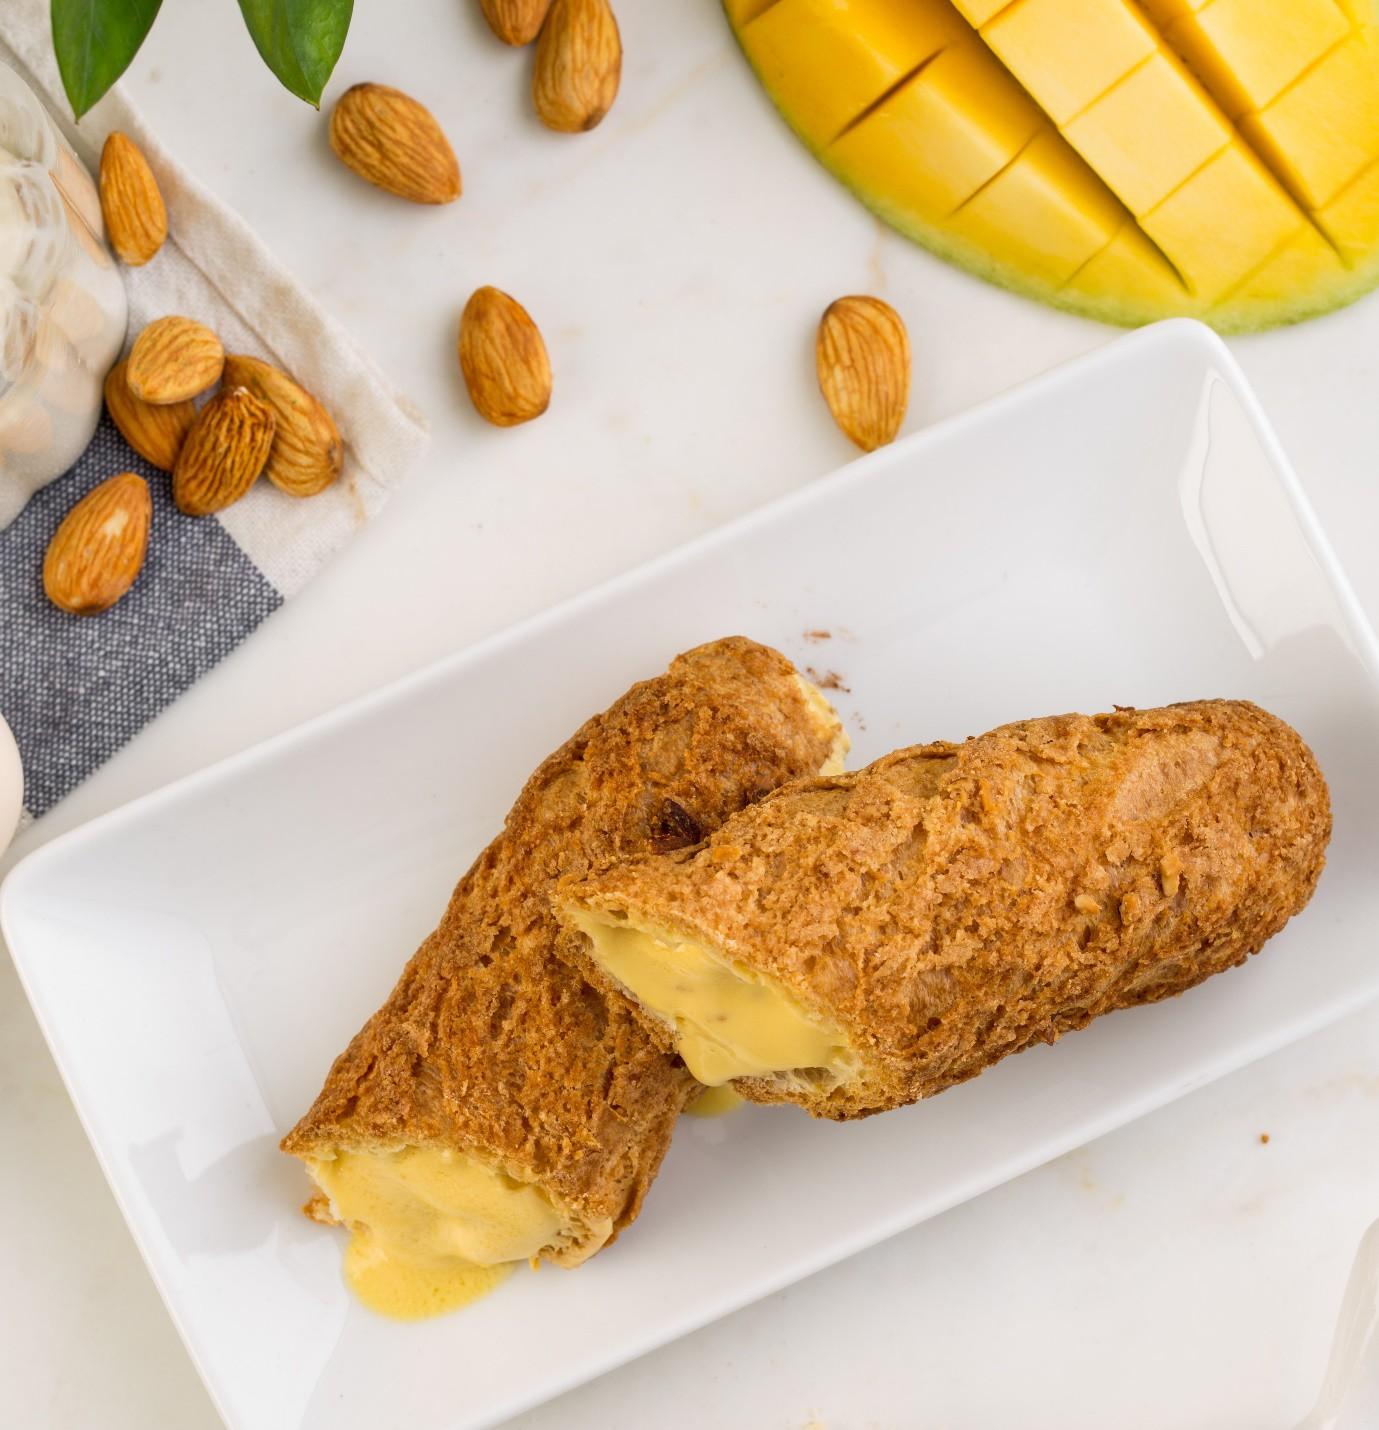 Khám phá Mihimihi: Bánh su kem chuẩn Pháp tại Hà Nội khiến giới trẻ mê đắm - Ảnh 4.